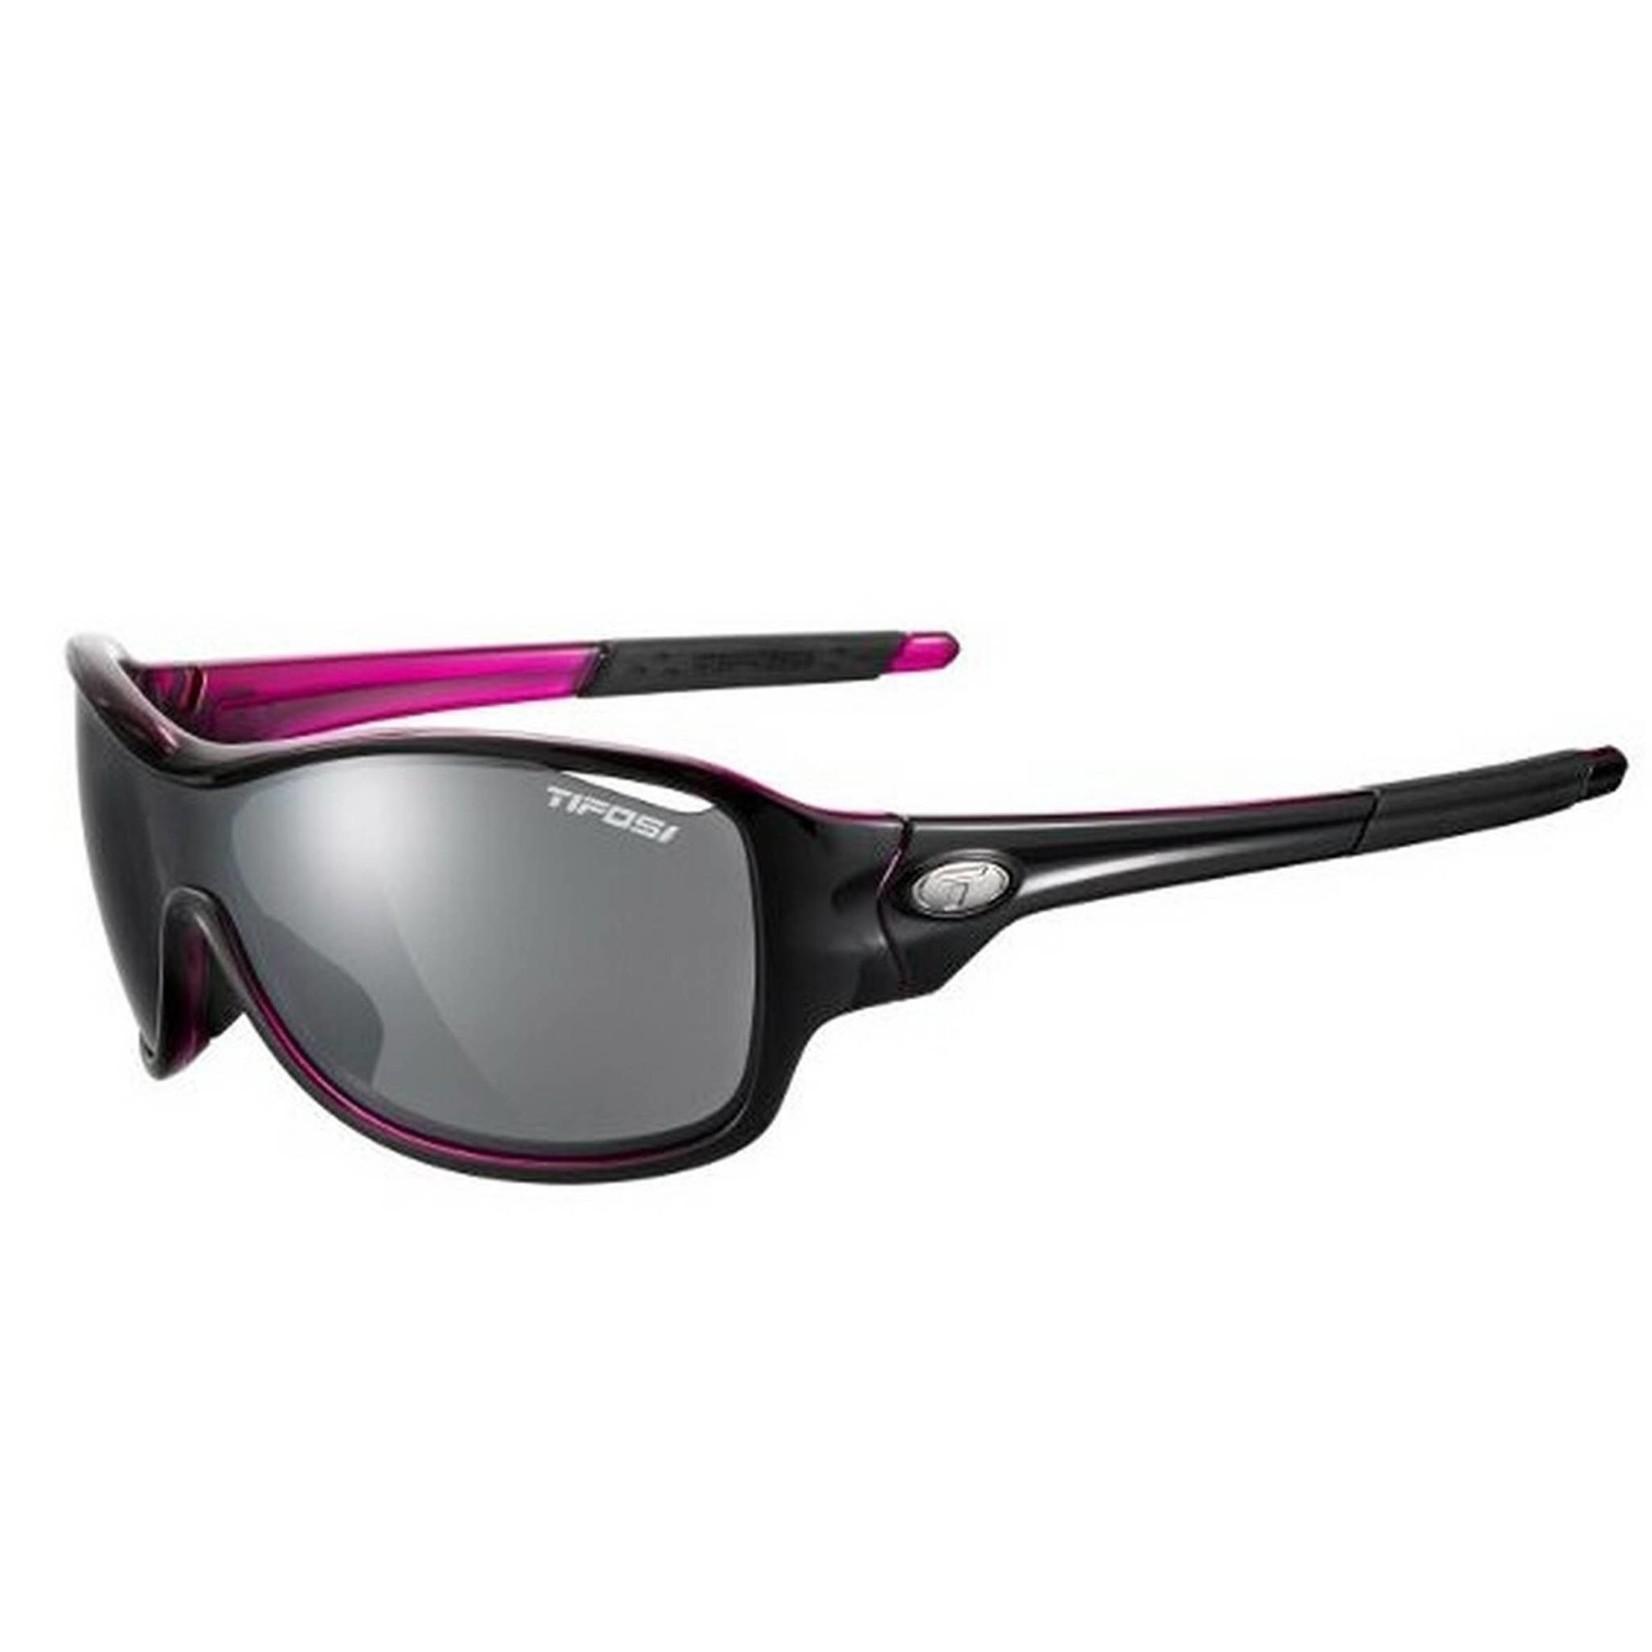 Tifosi Rumor Sunglasses Black/Pink